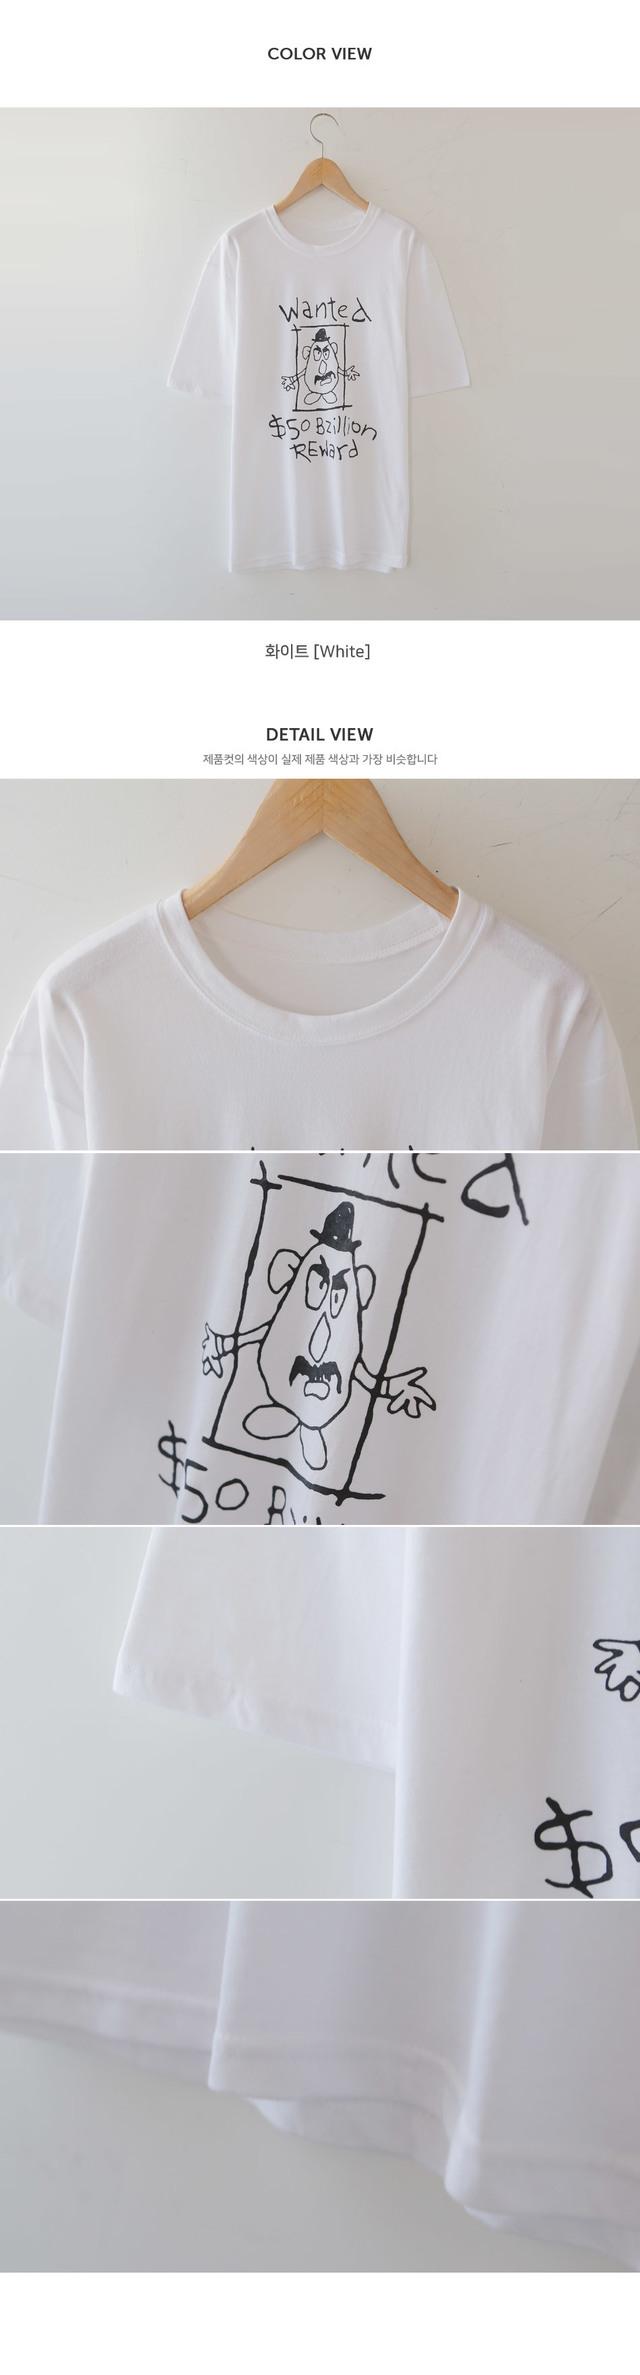 Little Potato T-shirt